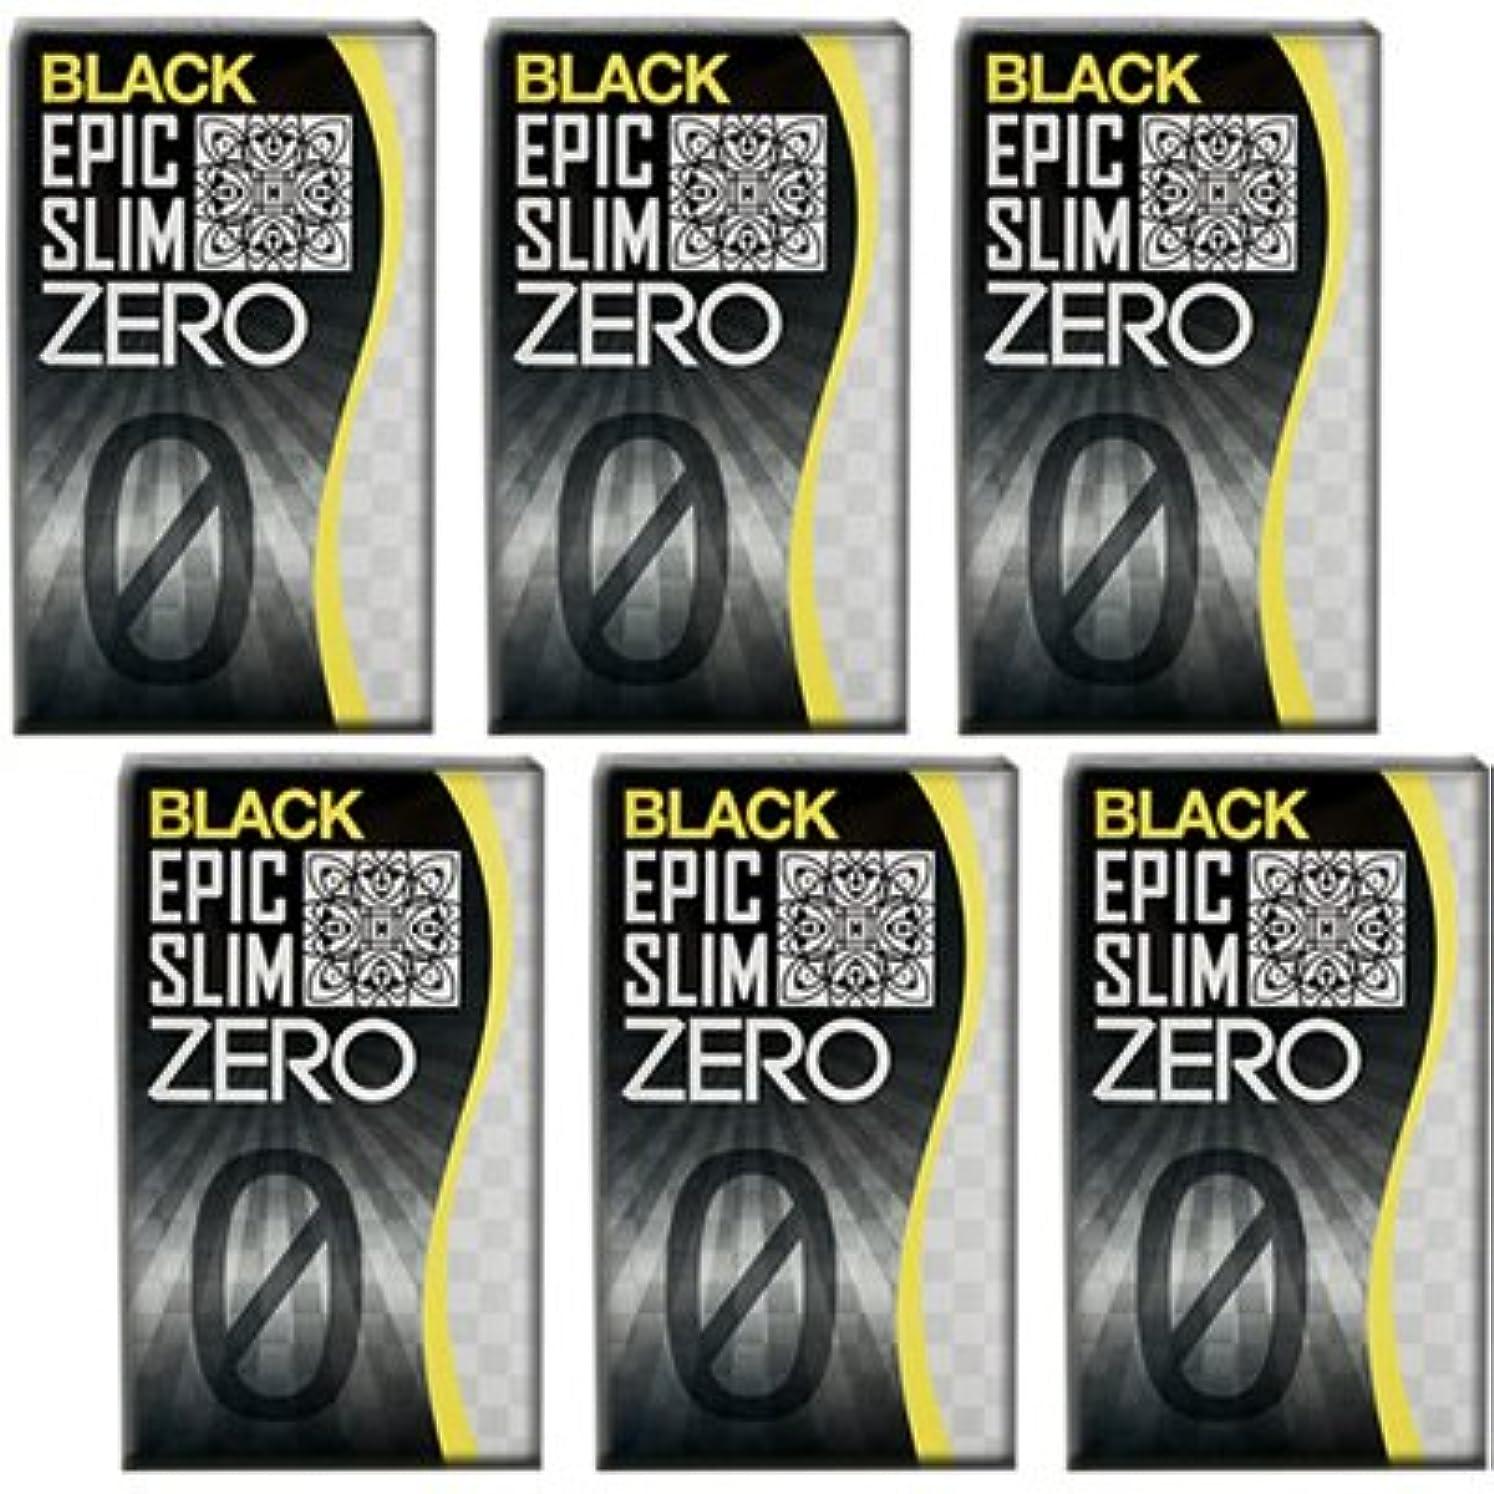 引き金レンジ日食ブラック エピックスリム ゼロ ブラック 6個セット!  Epic Slim ZERO BLACK ×6個